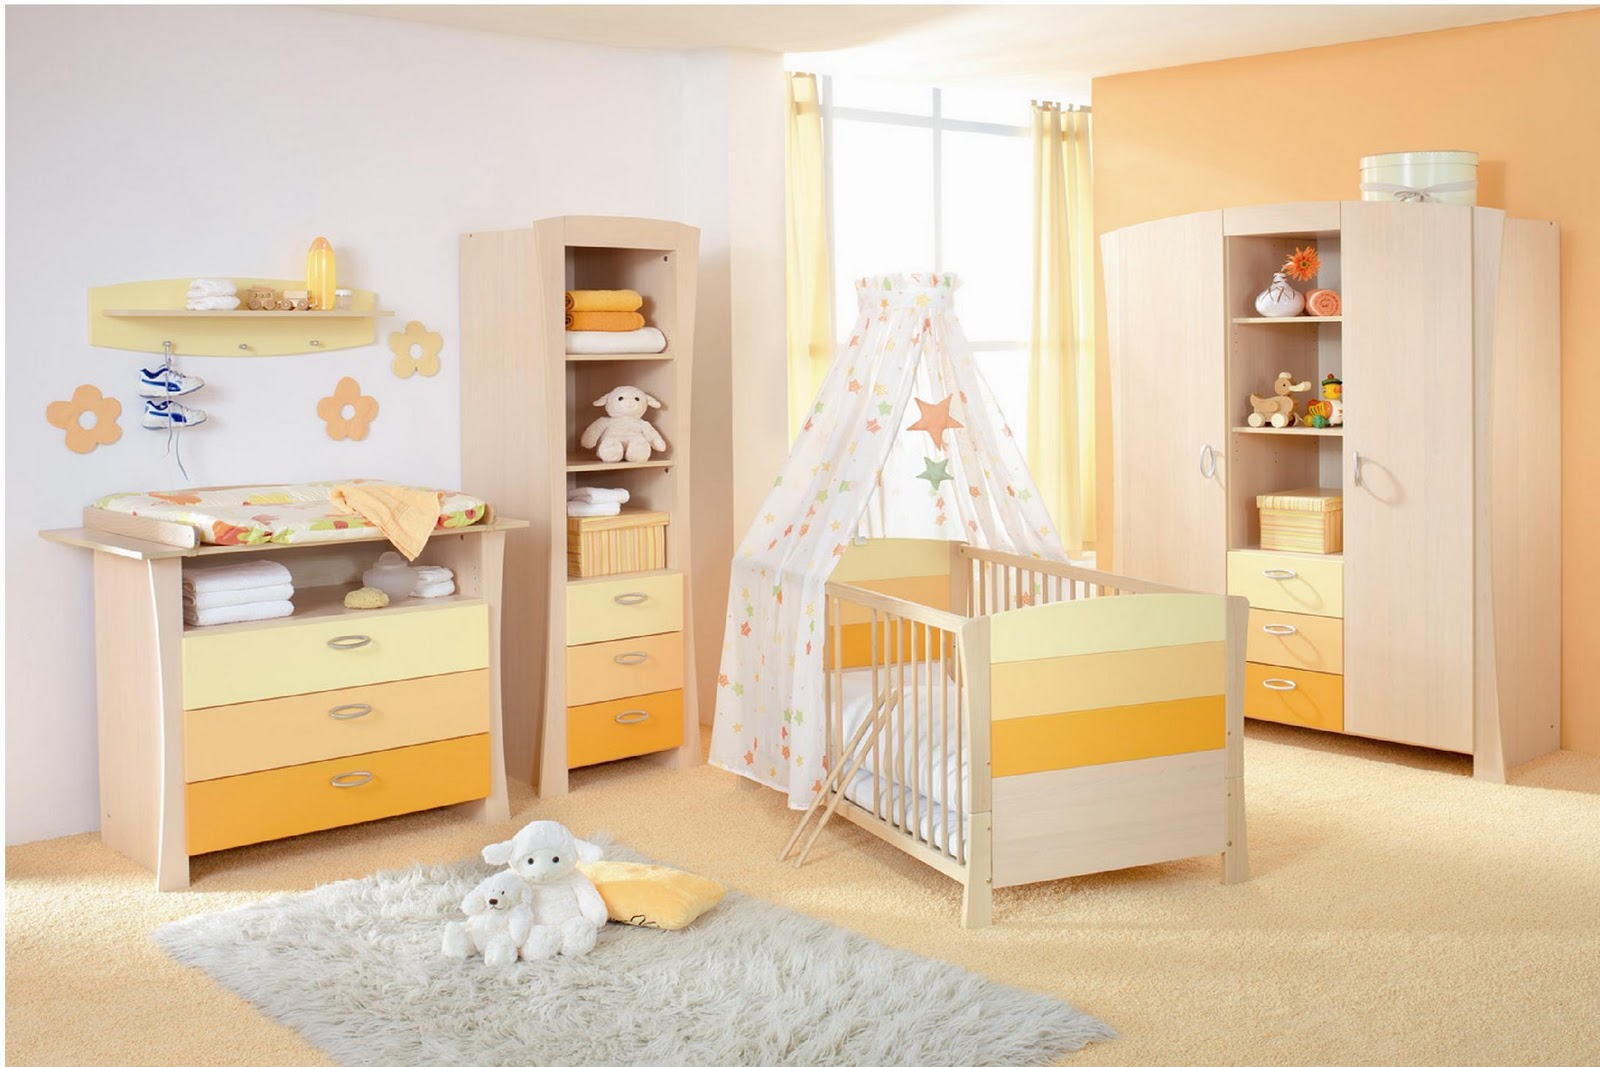 Mil ideias de decora o quartos de beb - Room e ...